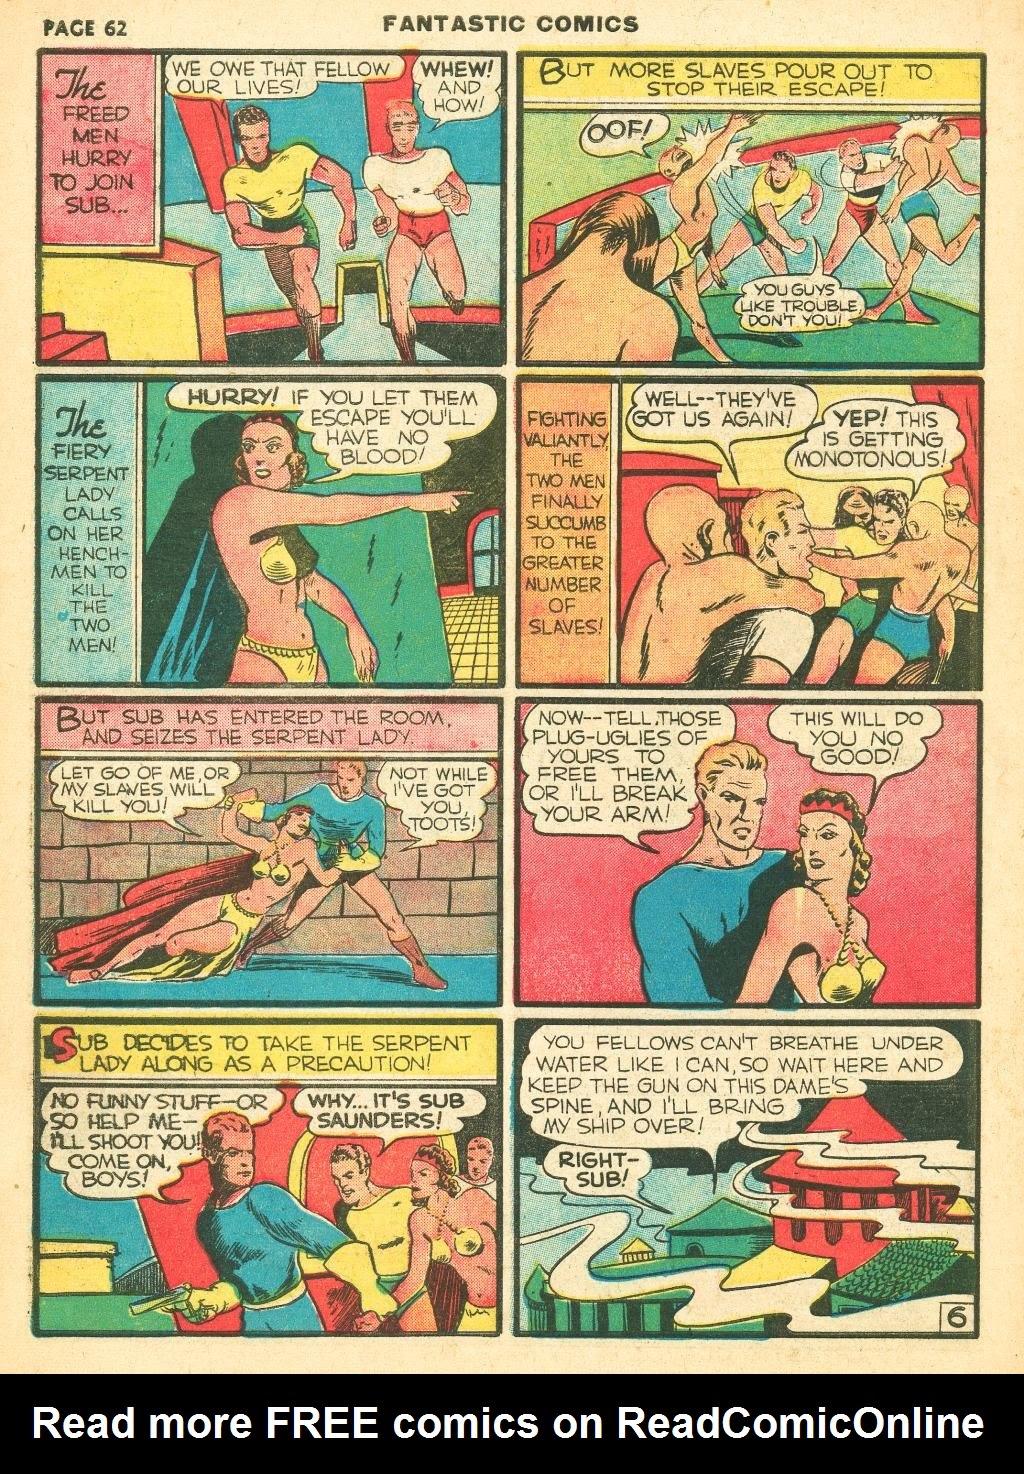 Read online Fantastic Comics comic -  Issue #12 - 64